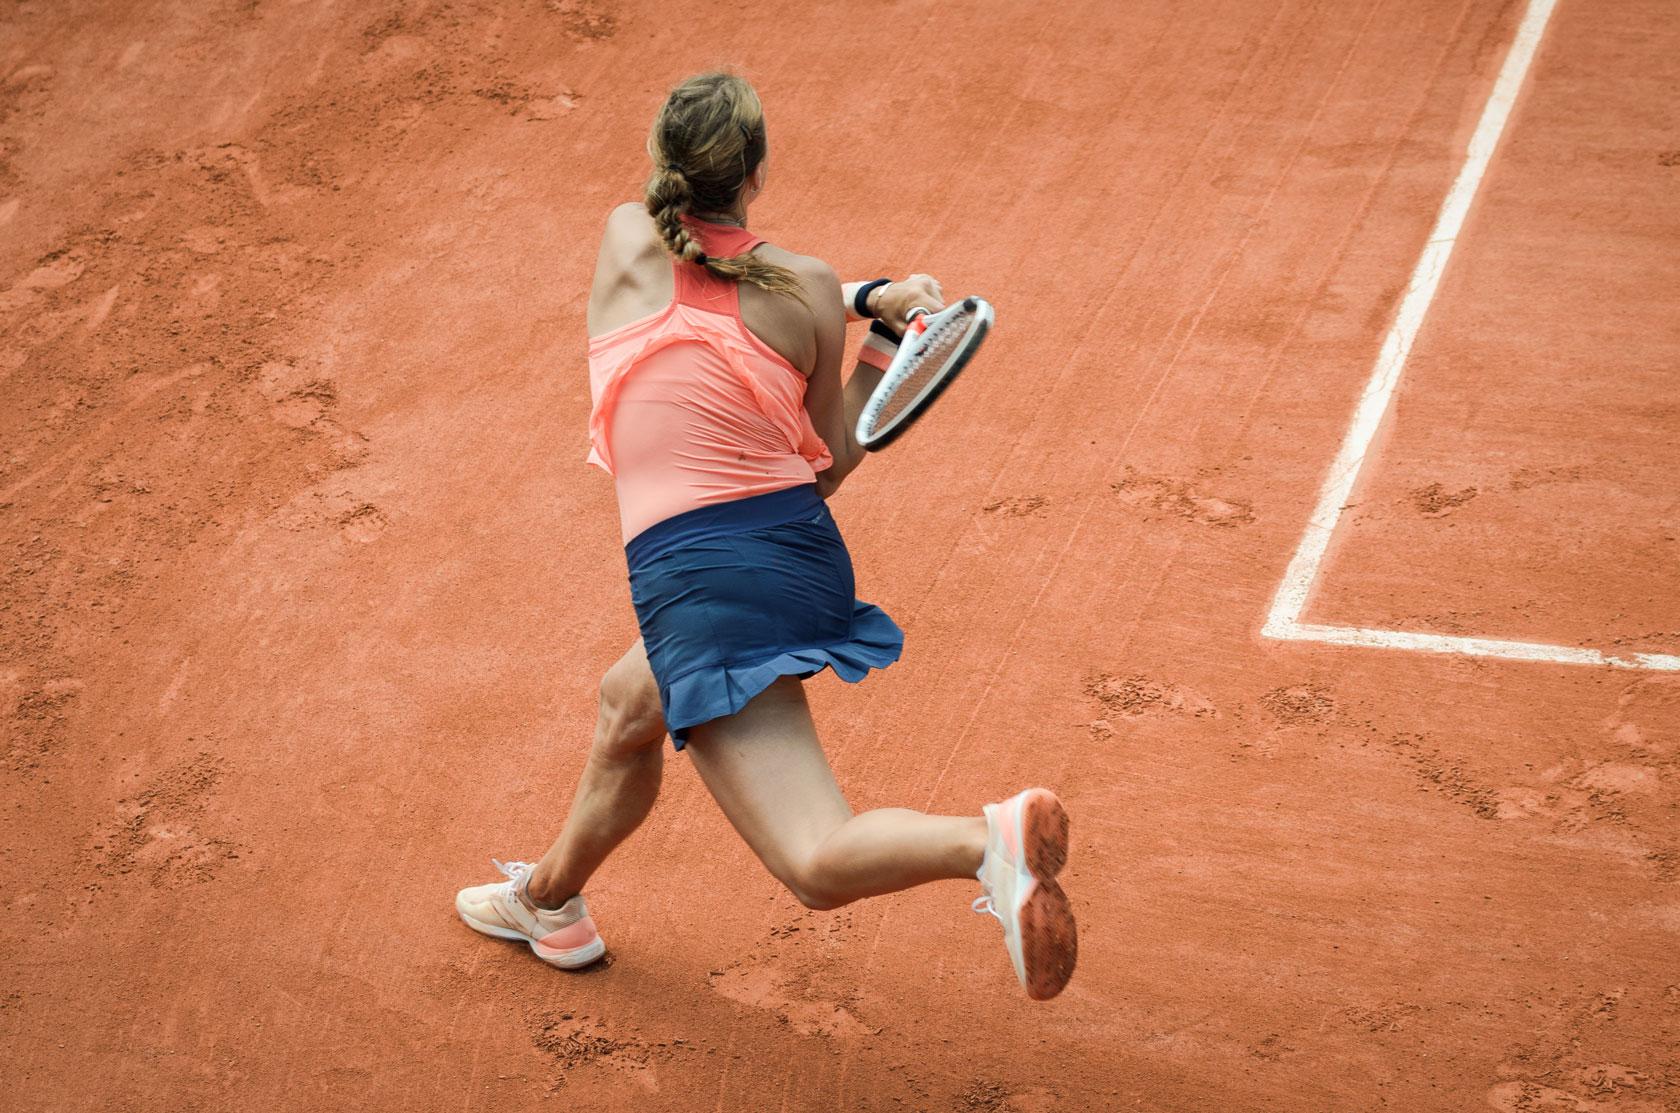 Tennis-prevenzione-infiamazione-epicondilite-braccio-tennista.jpg